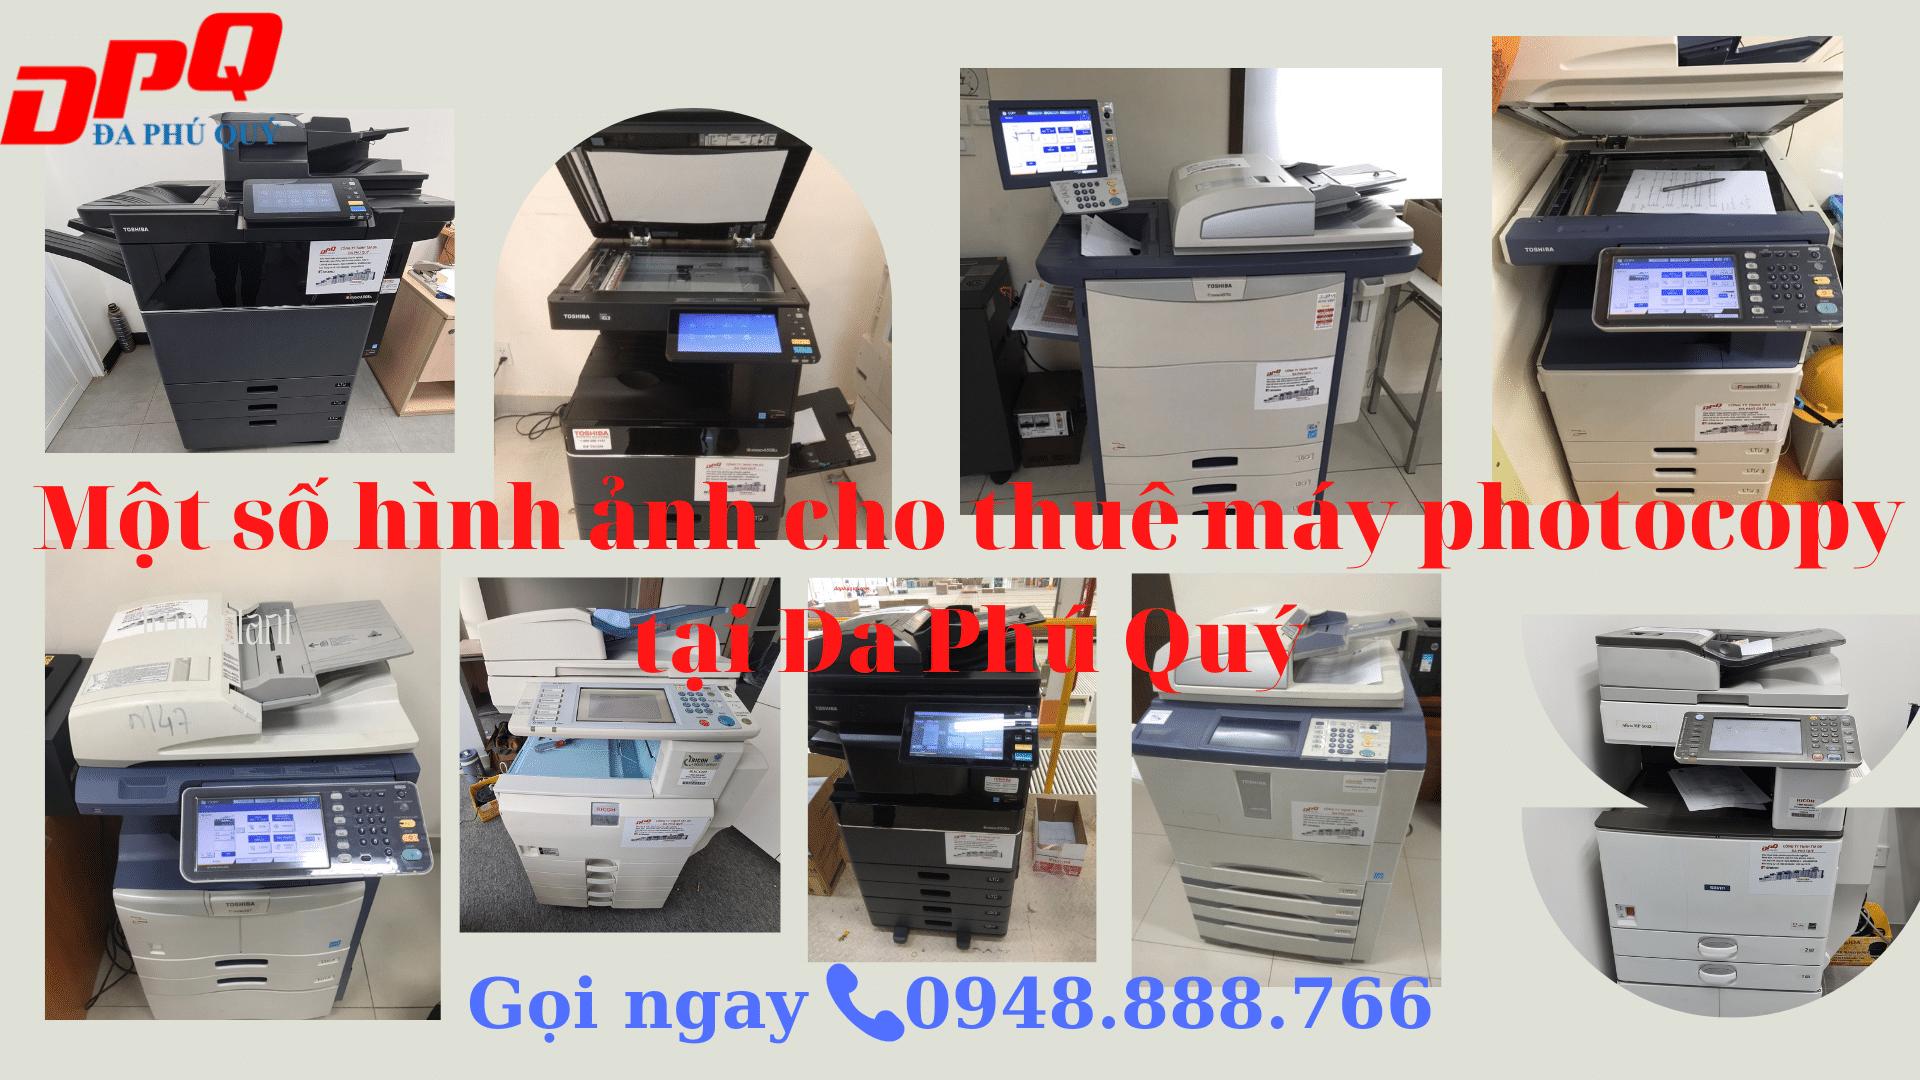 Một số hình ảnh máy cho thuê thực tế tại Đa Phú Quý